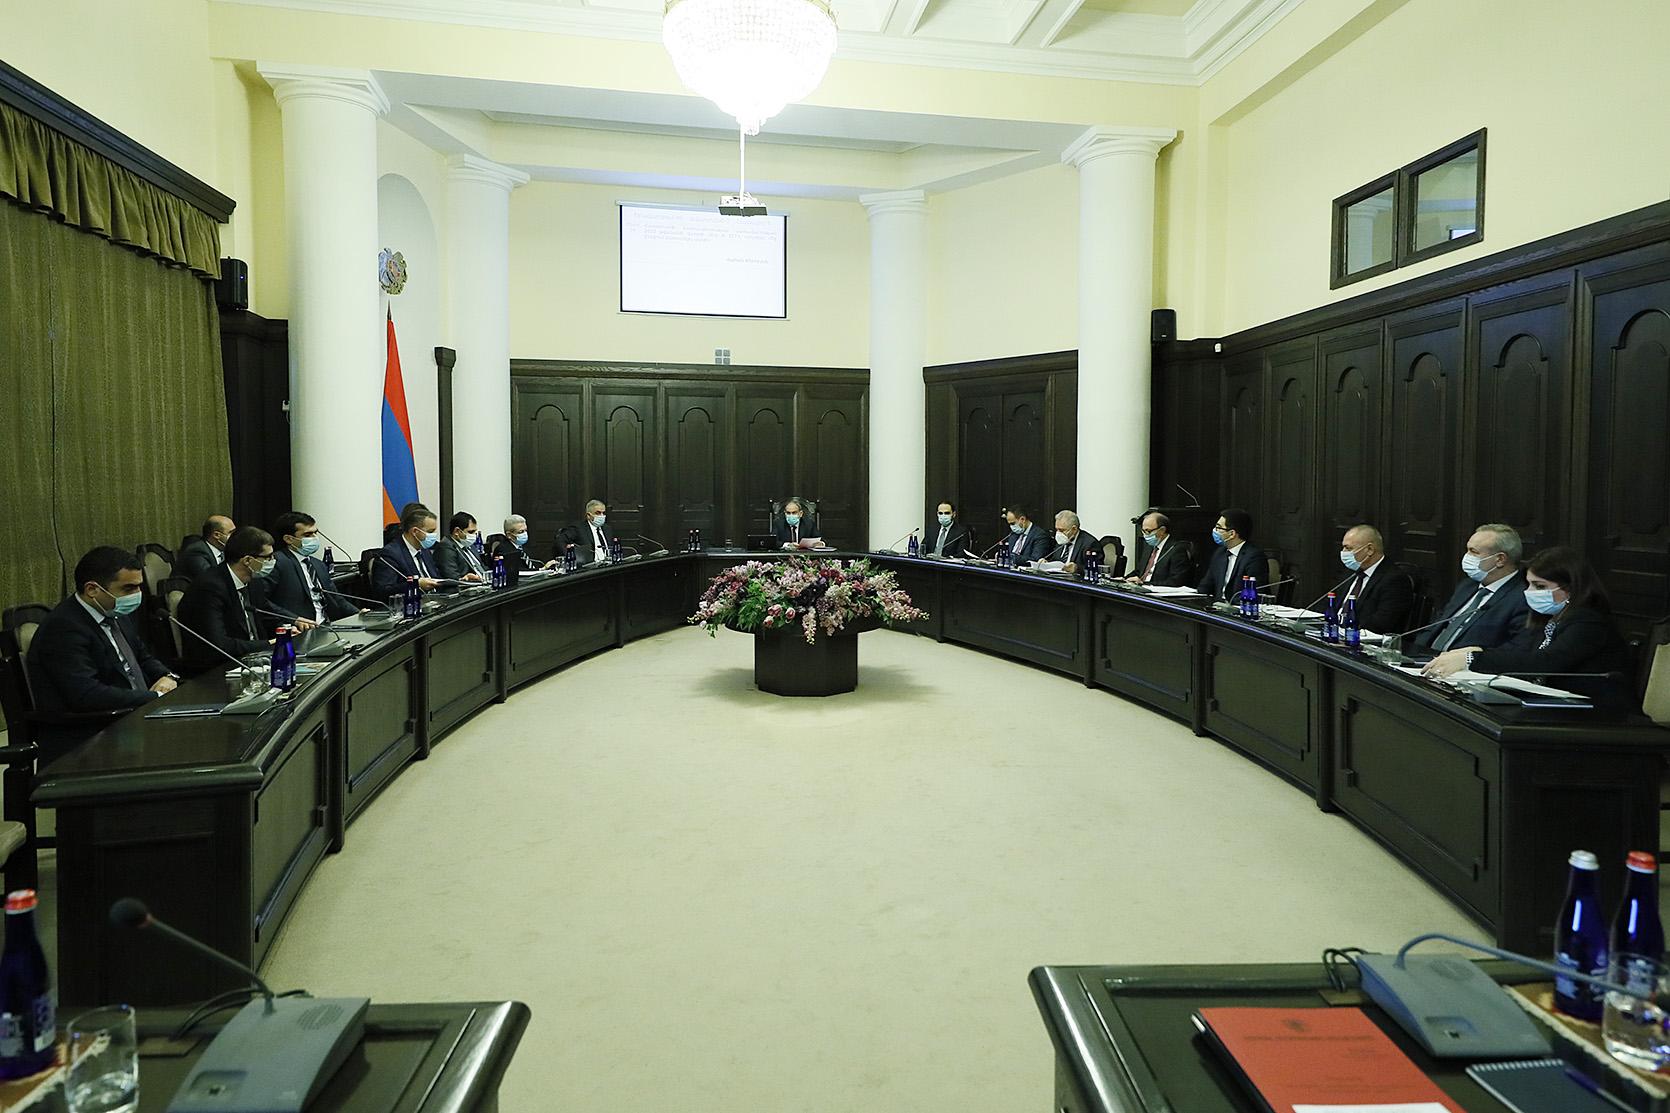 Photo of Վերջին օրերին ՀՀ-ում արձանագրվում է  կորոնավիրուսի թվերի որոշակի աճ. կառավարության նիստում անդրադարձ է եղել համավարակի հետ կապված իրավիճակին